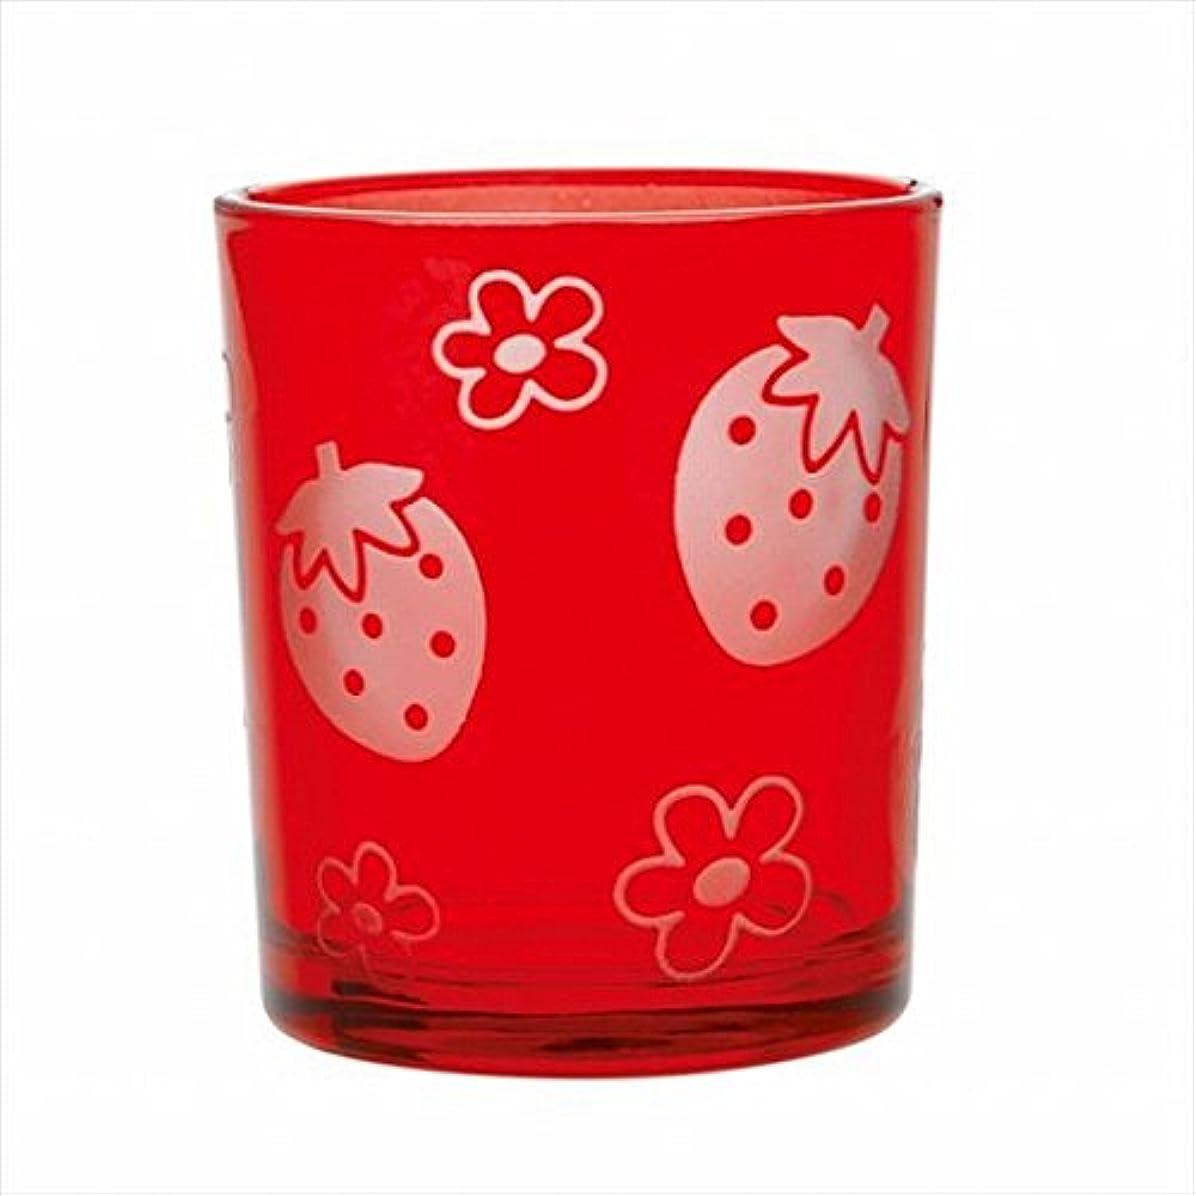 福祉無視その間sweets candle いちごフロストカップ 「 レッド 」